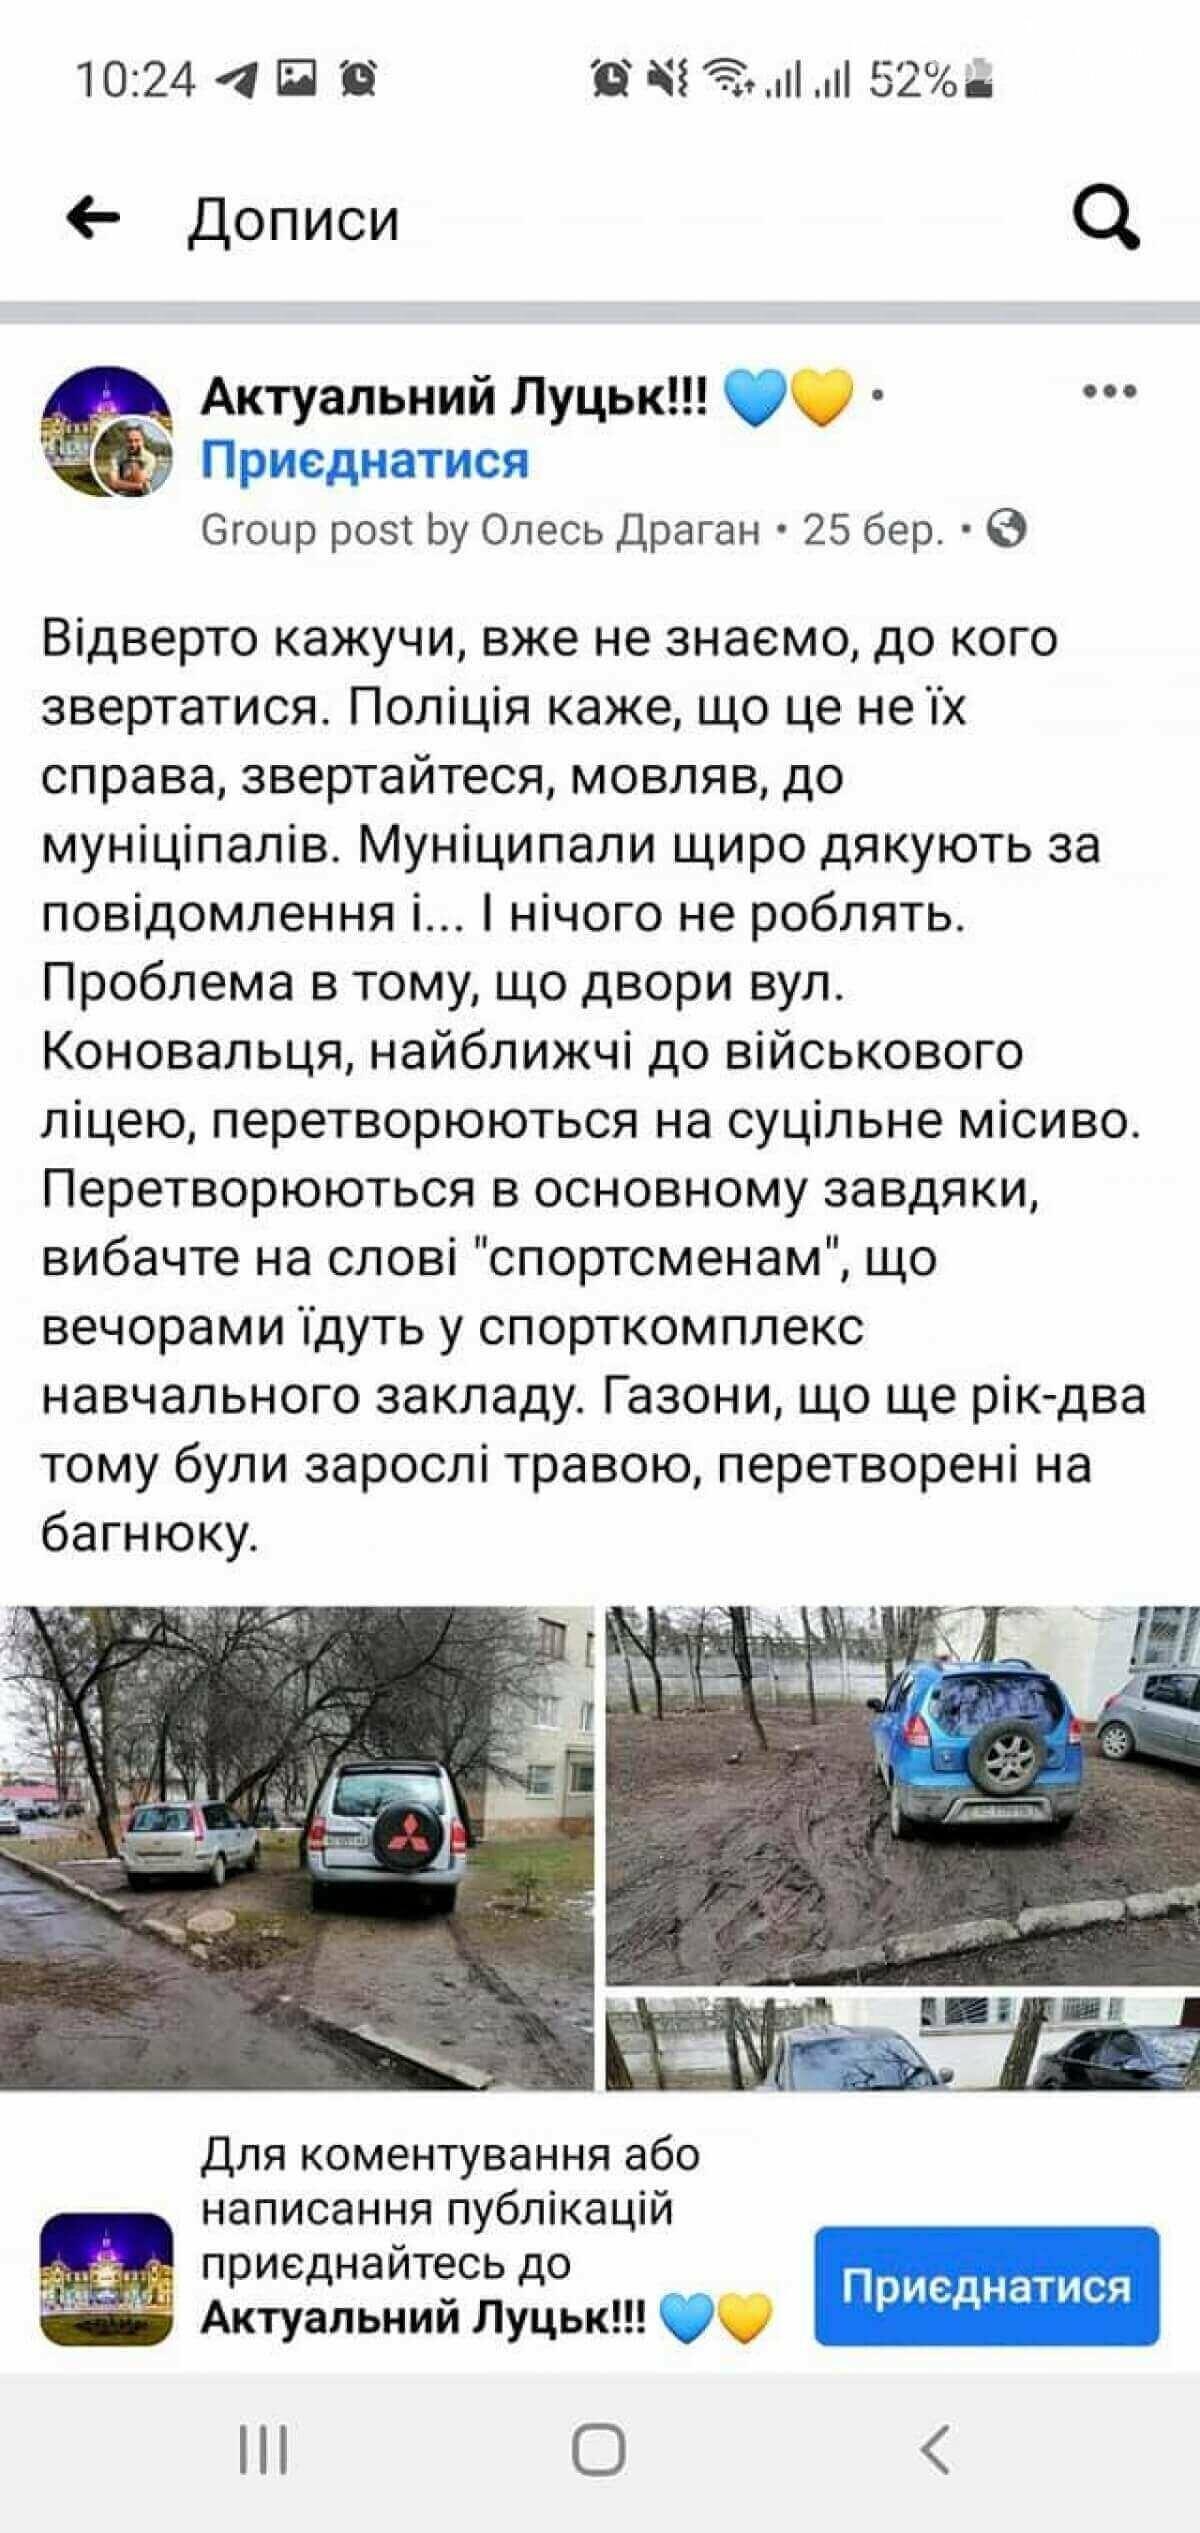 У Луцьку муніципали щодня штрафують «автохамів», які влаштували парковку на газоні, фото-2